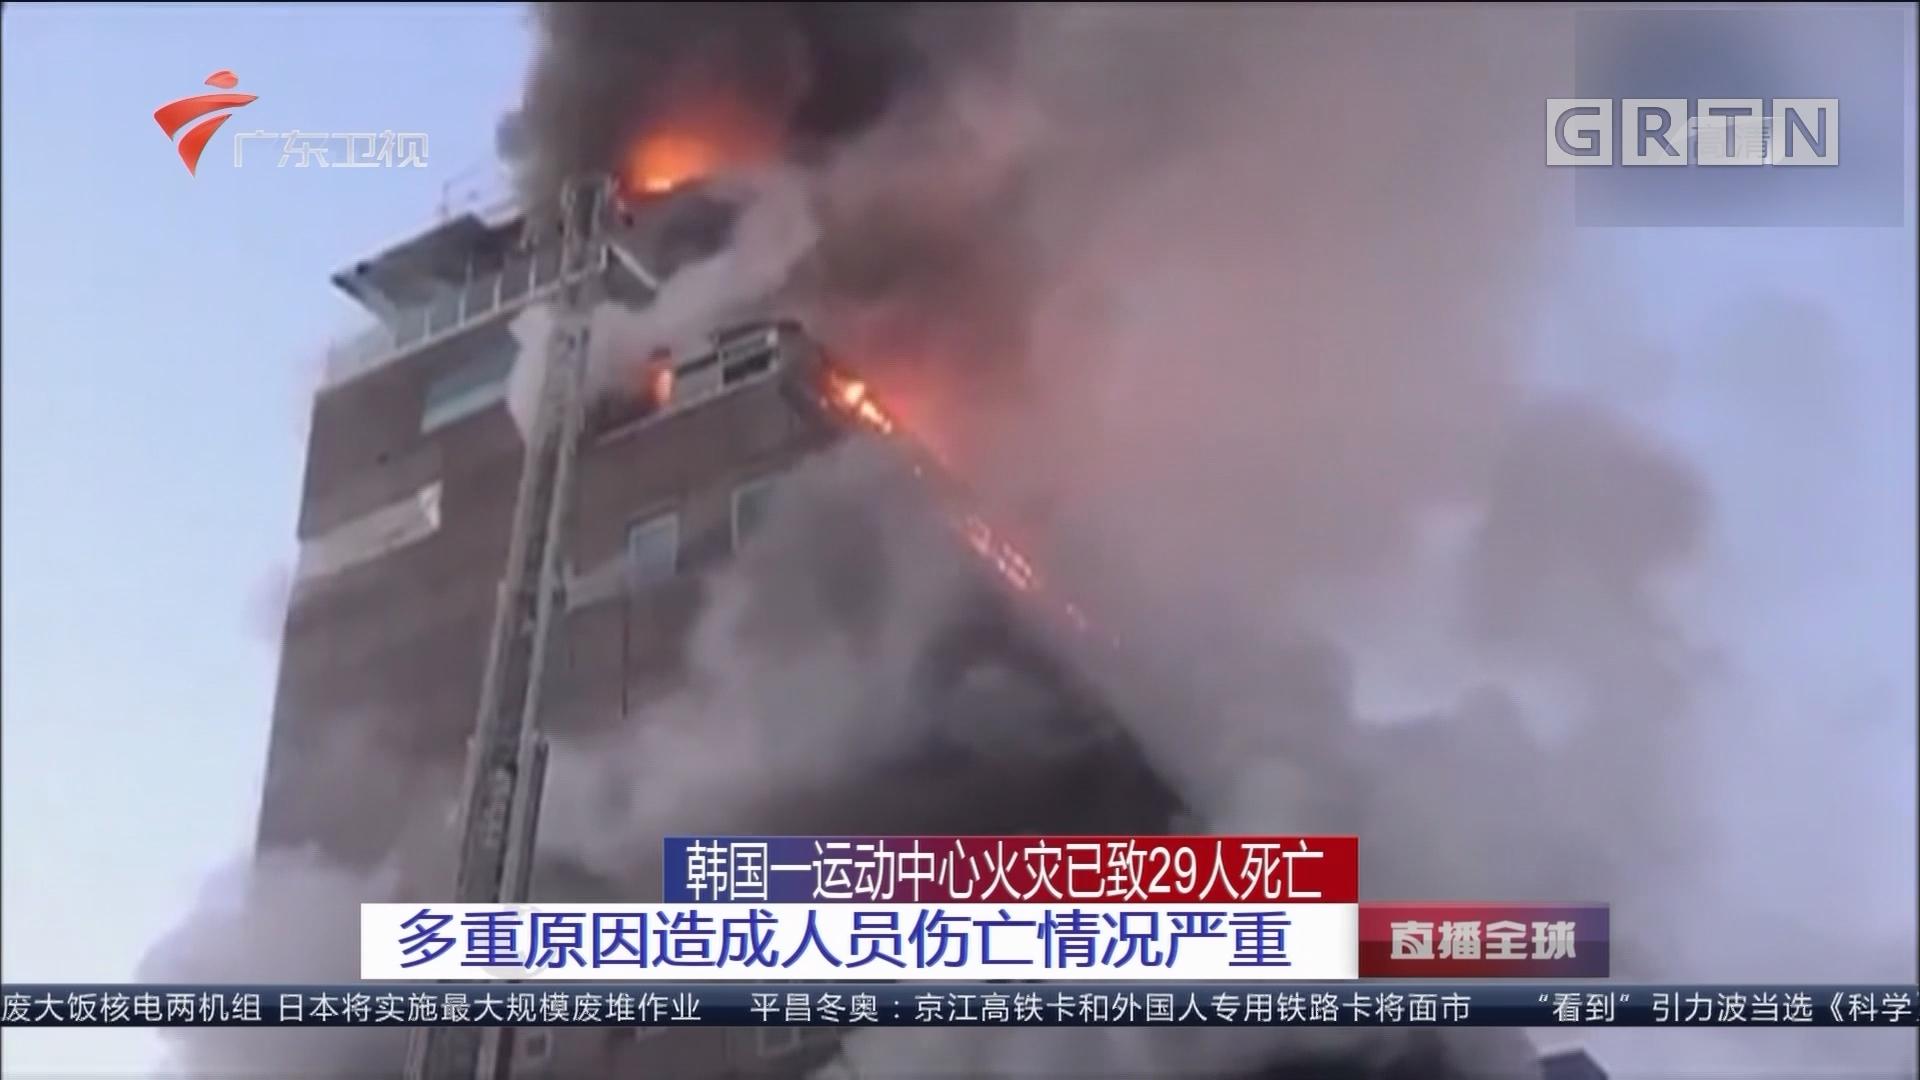 韩国一运动中心火灾已致29人死亡:多重原因造成人员伤亡情况严重